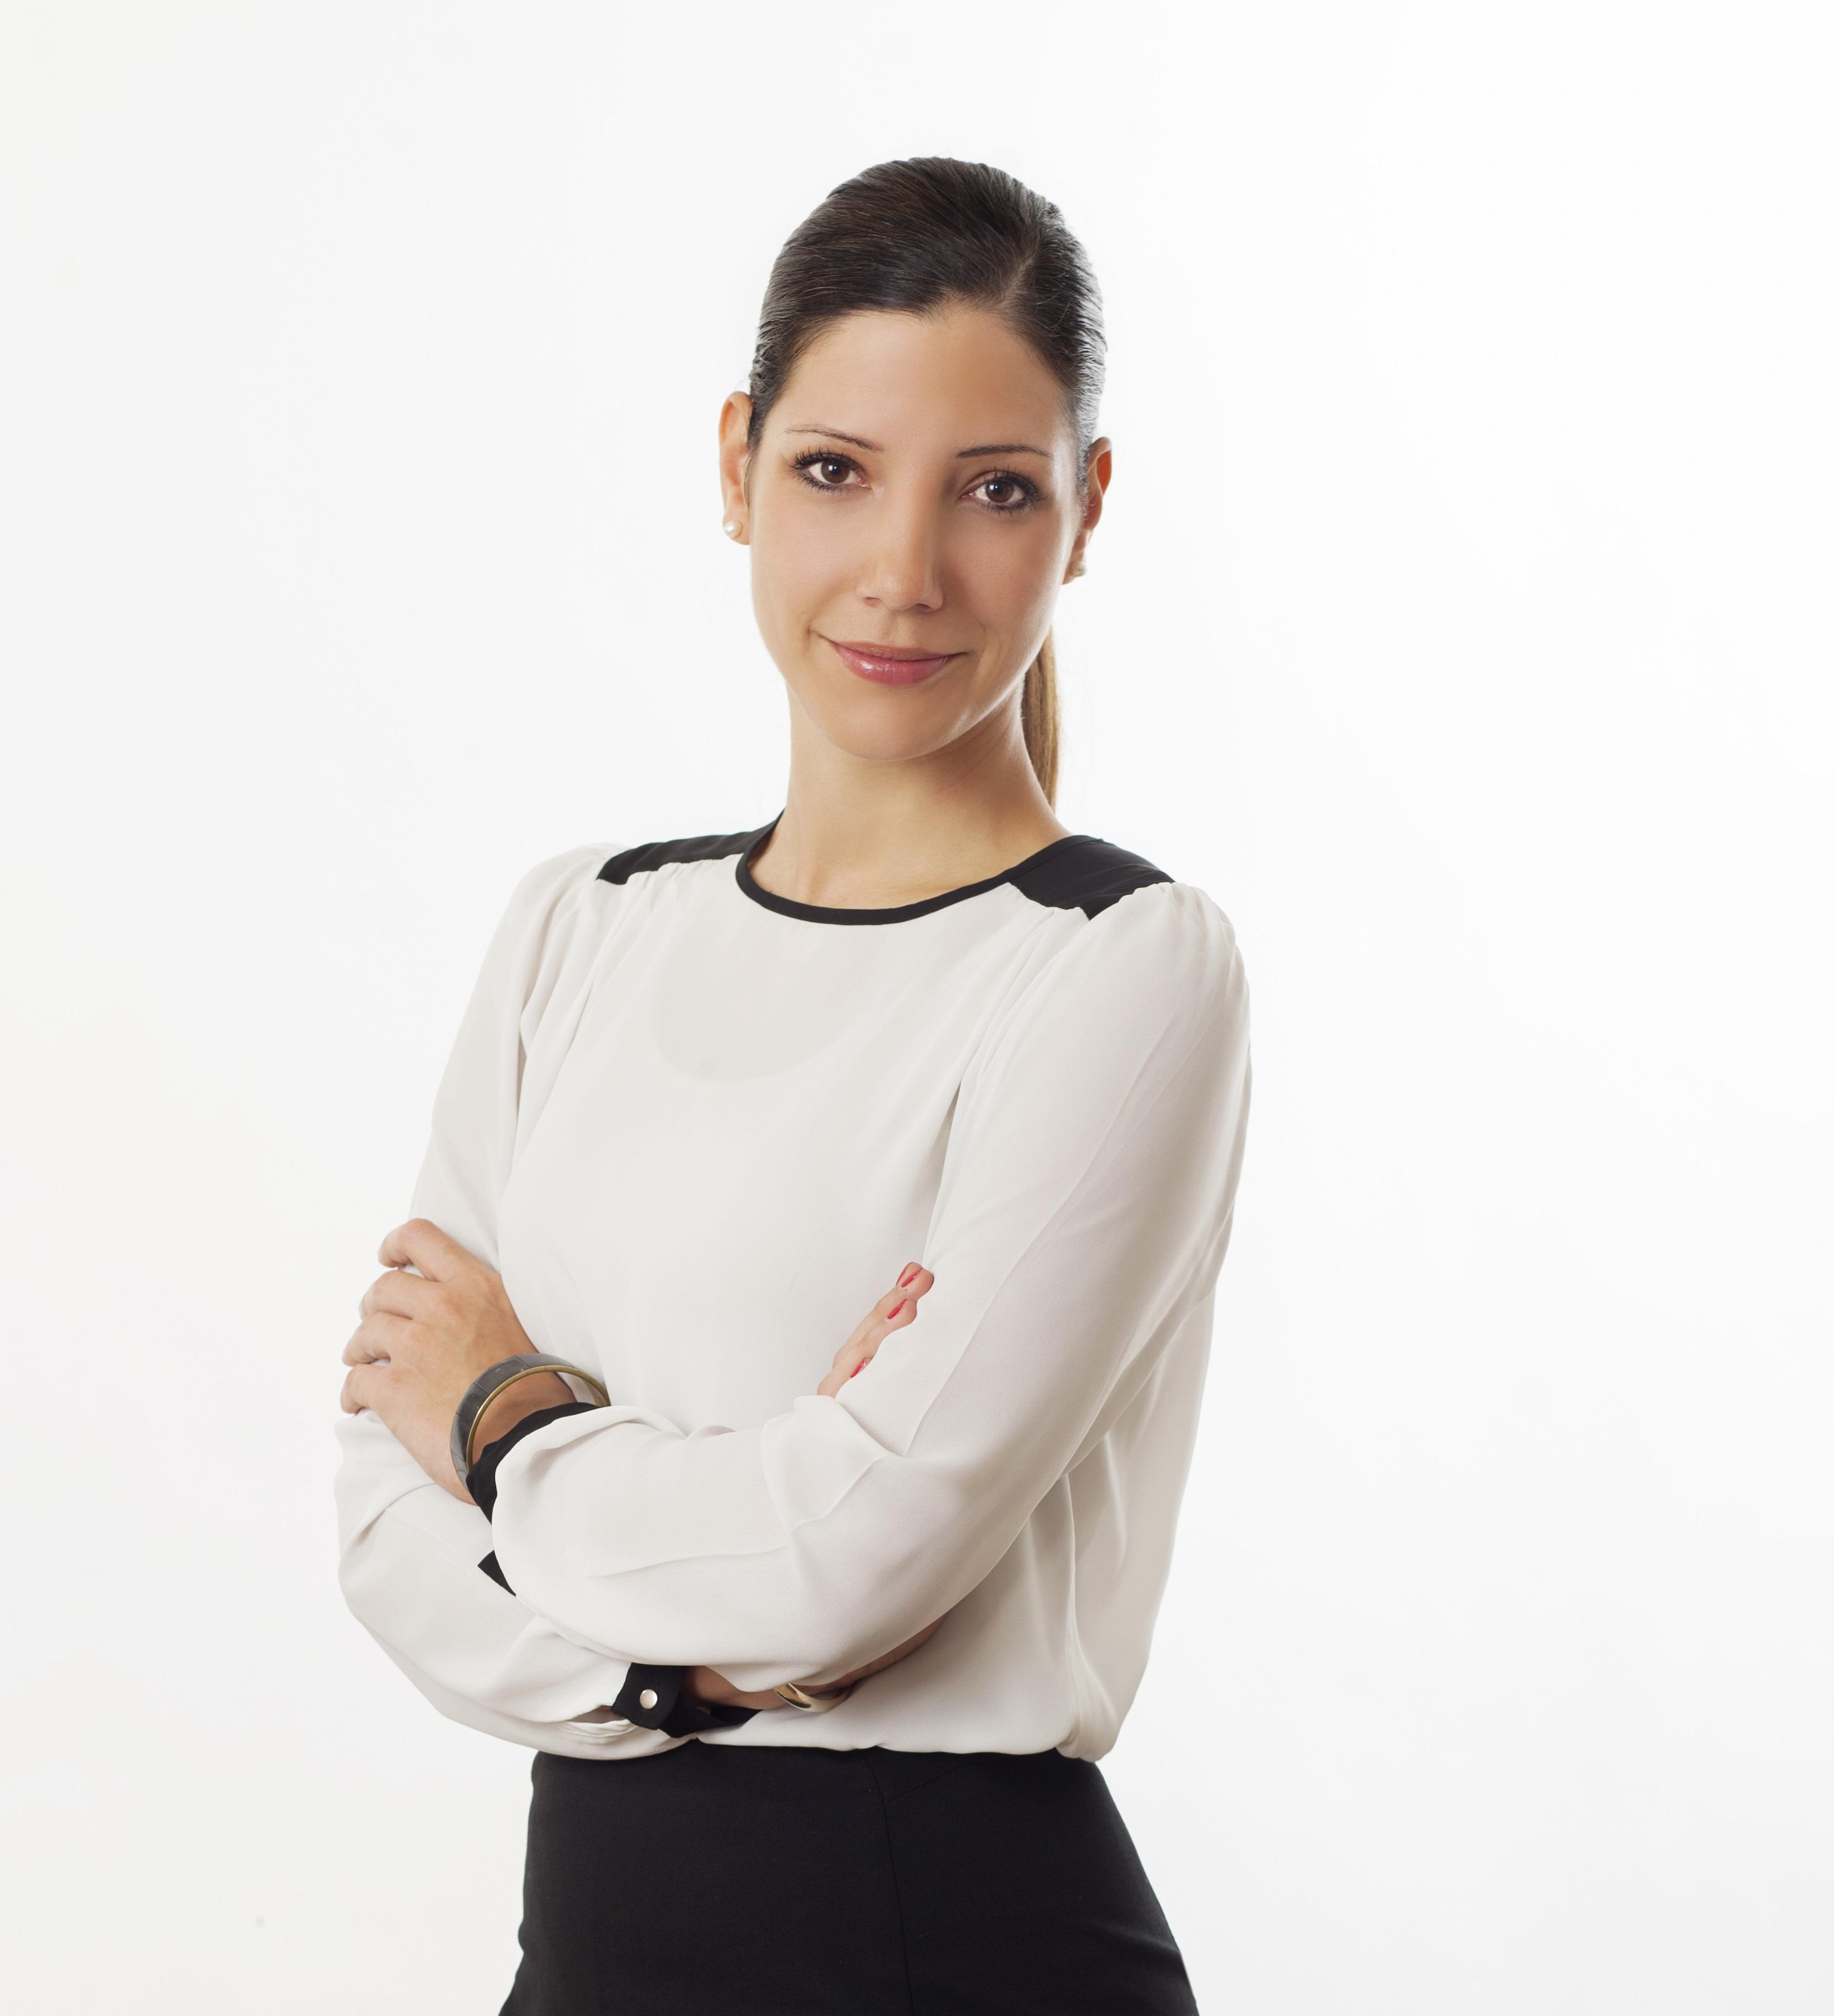 Jelena Djakovic